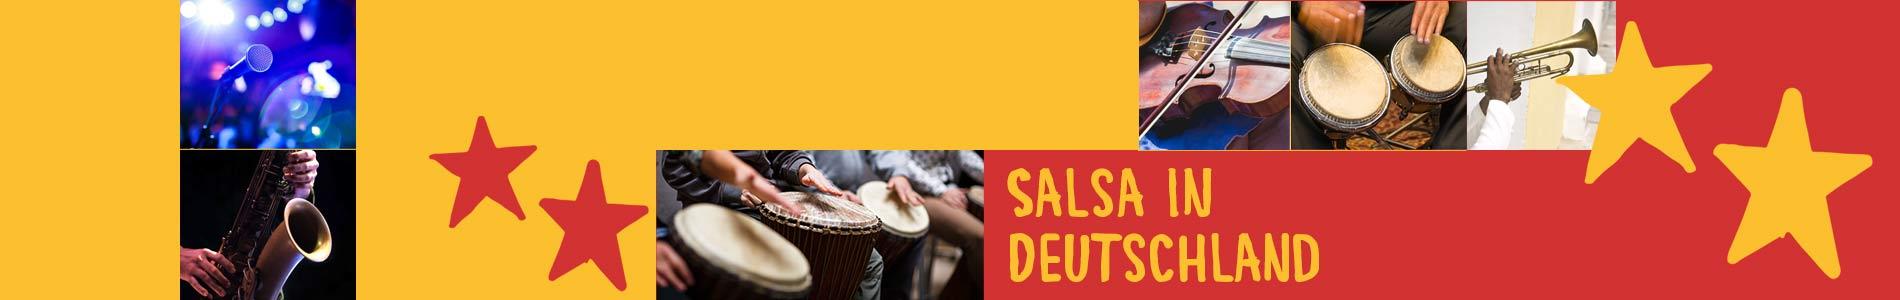 Salsa in Büchenbeuren – Salsa lernen und tanzen, Tanzkurse, Partys, Veranstaltungen